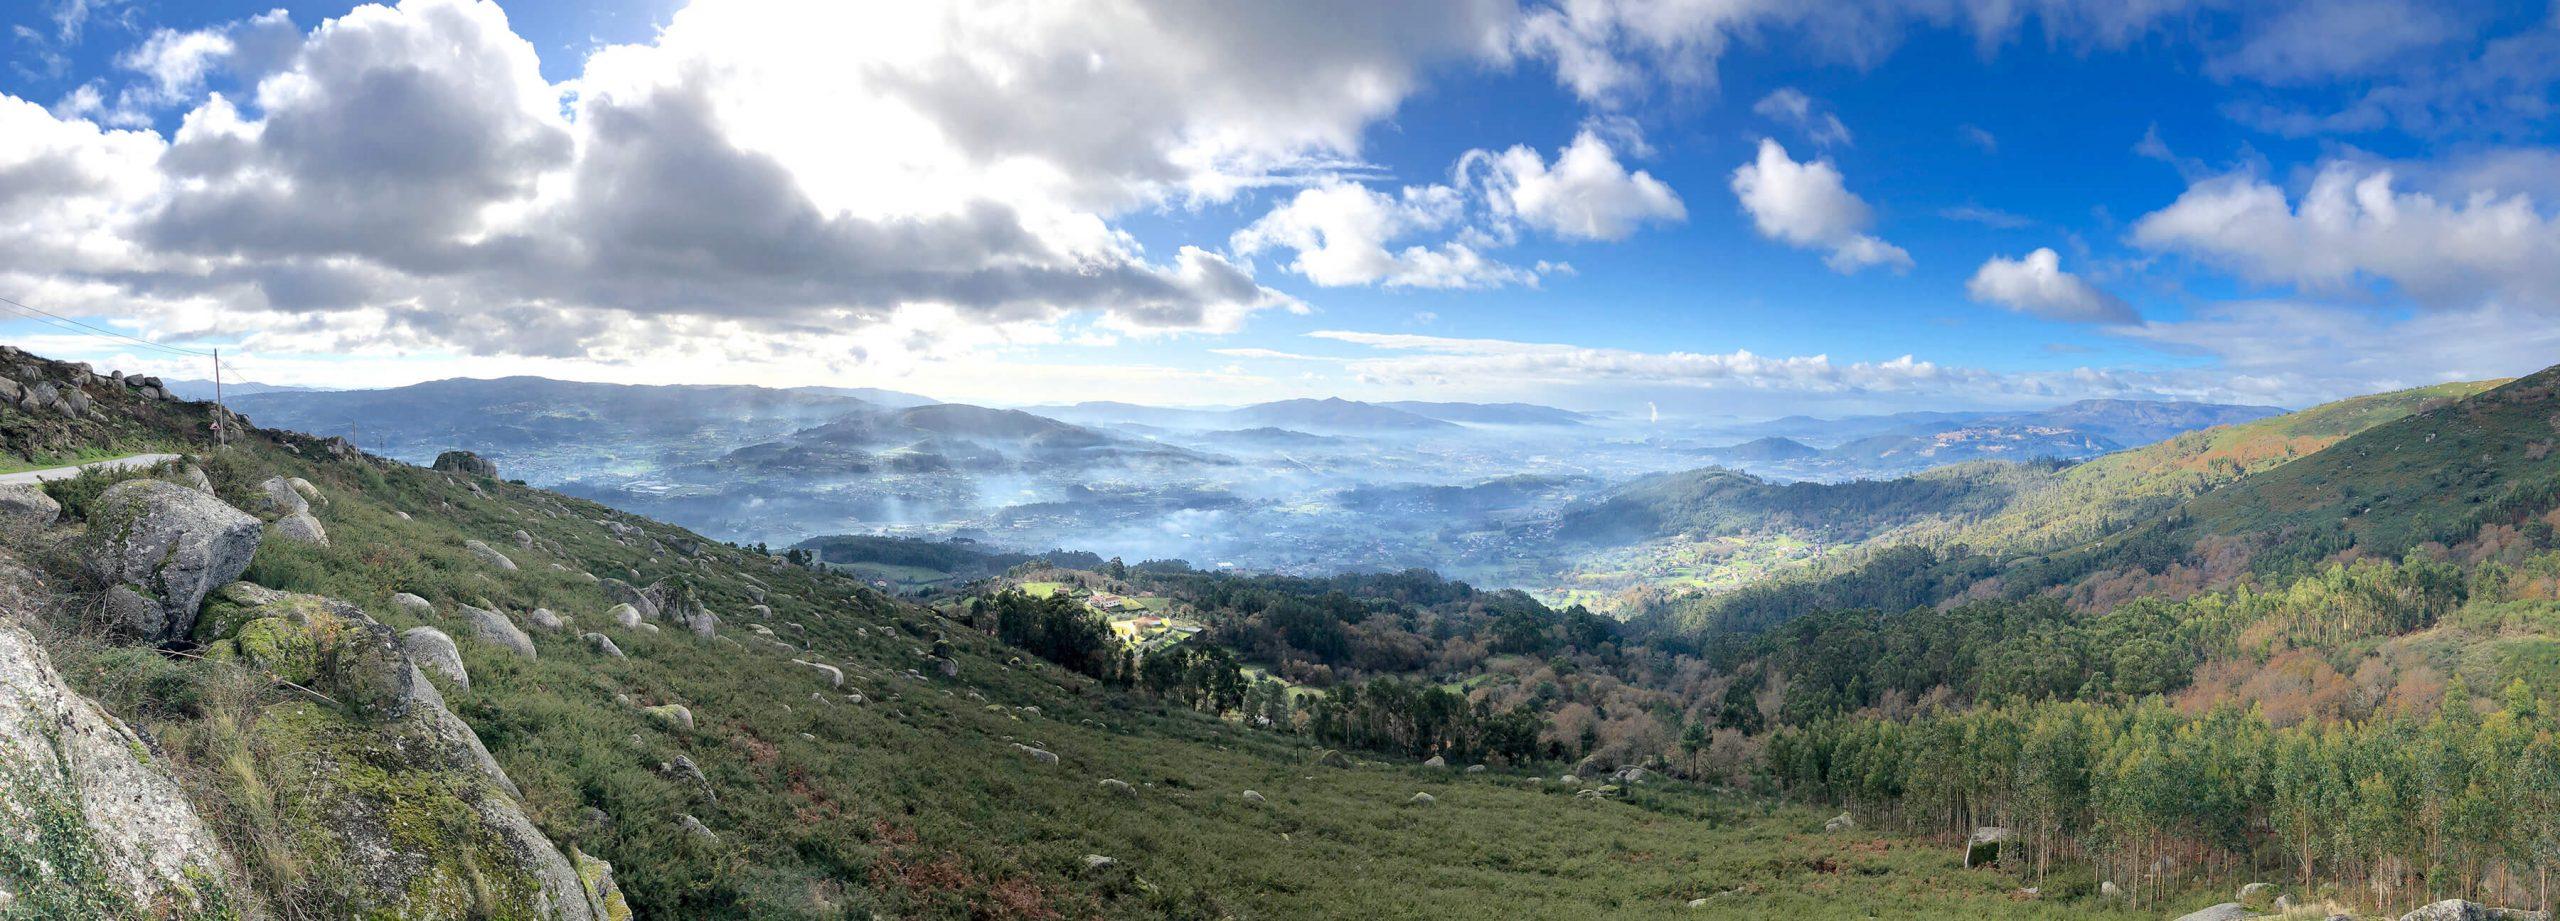 Portuguese landscape in Vinho Verde